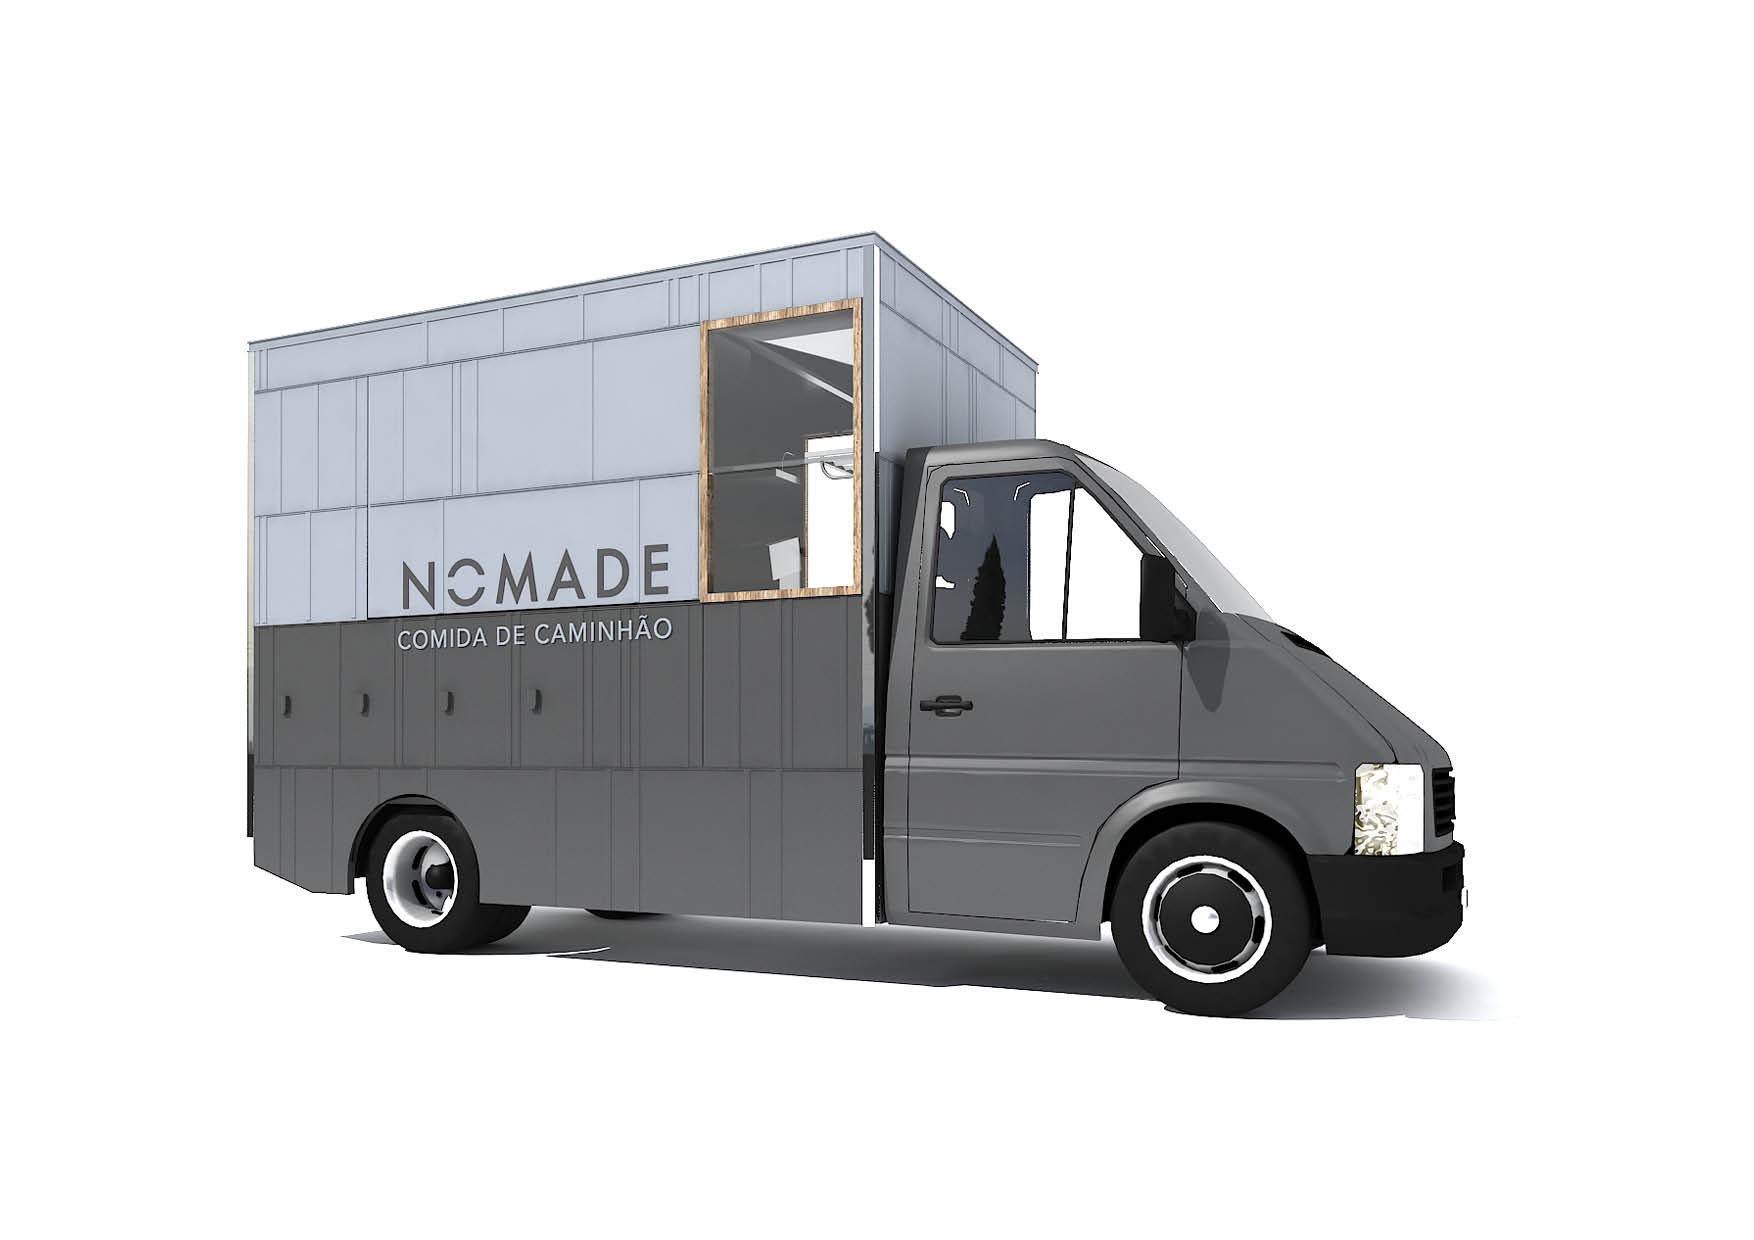 nomade_0115.jpg